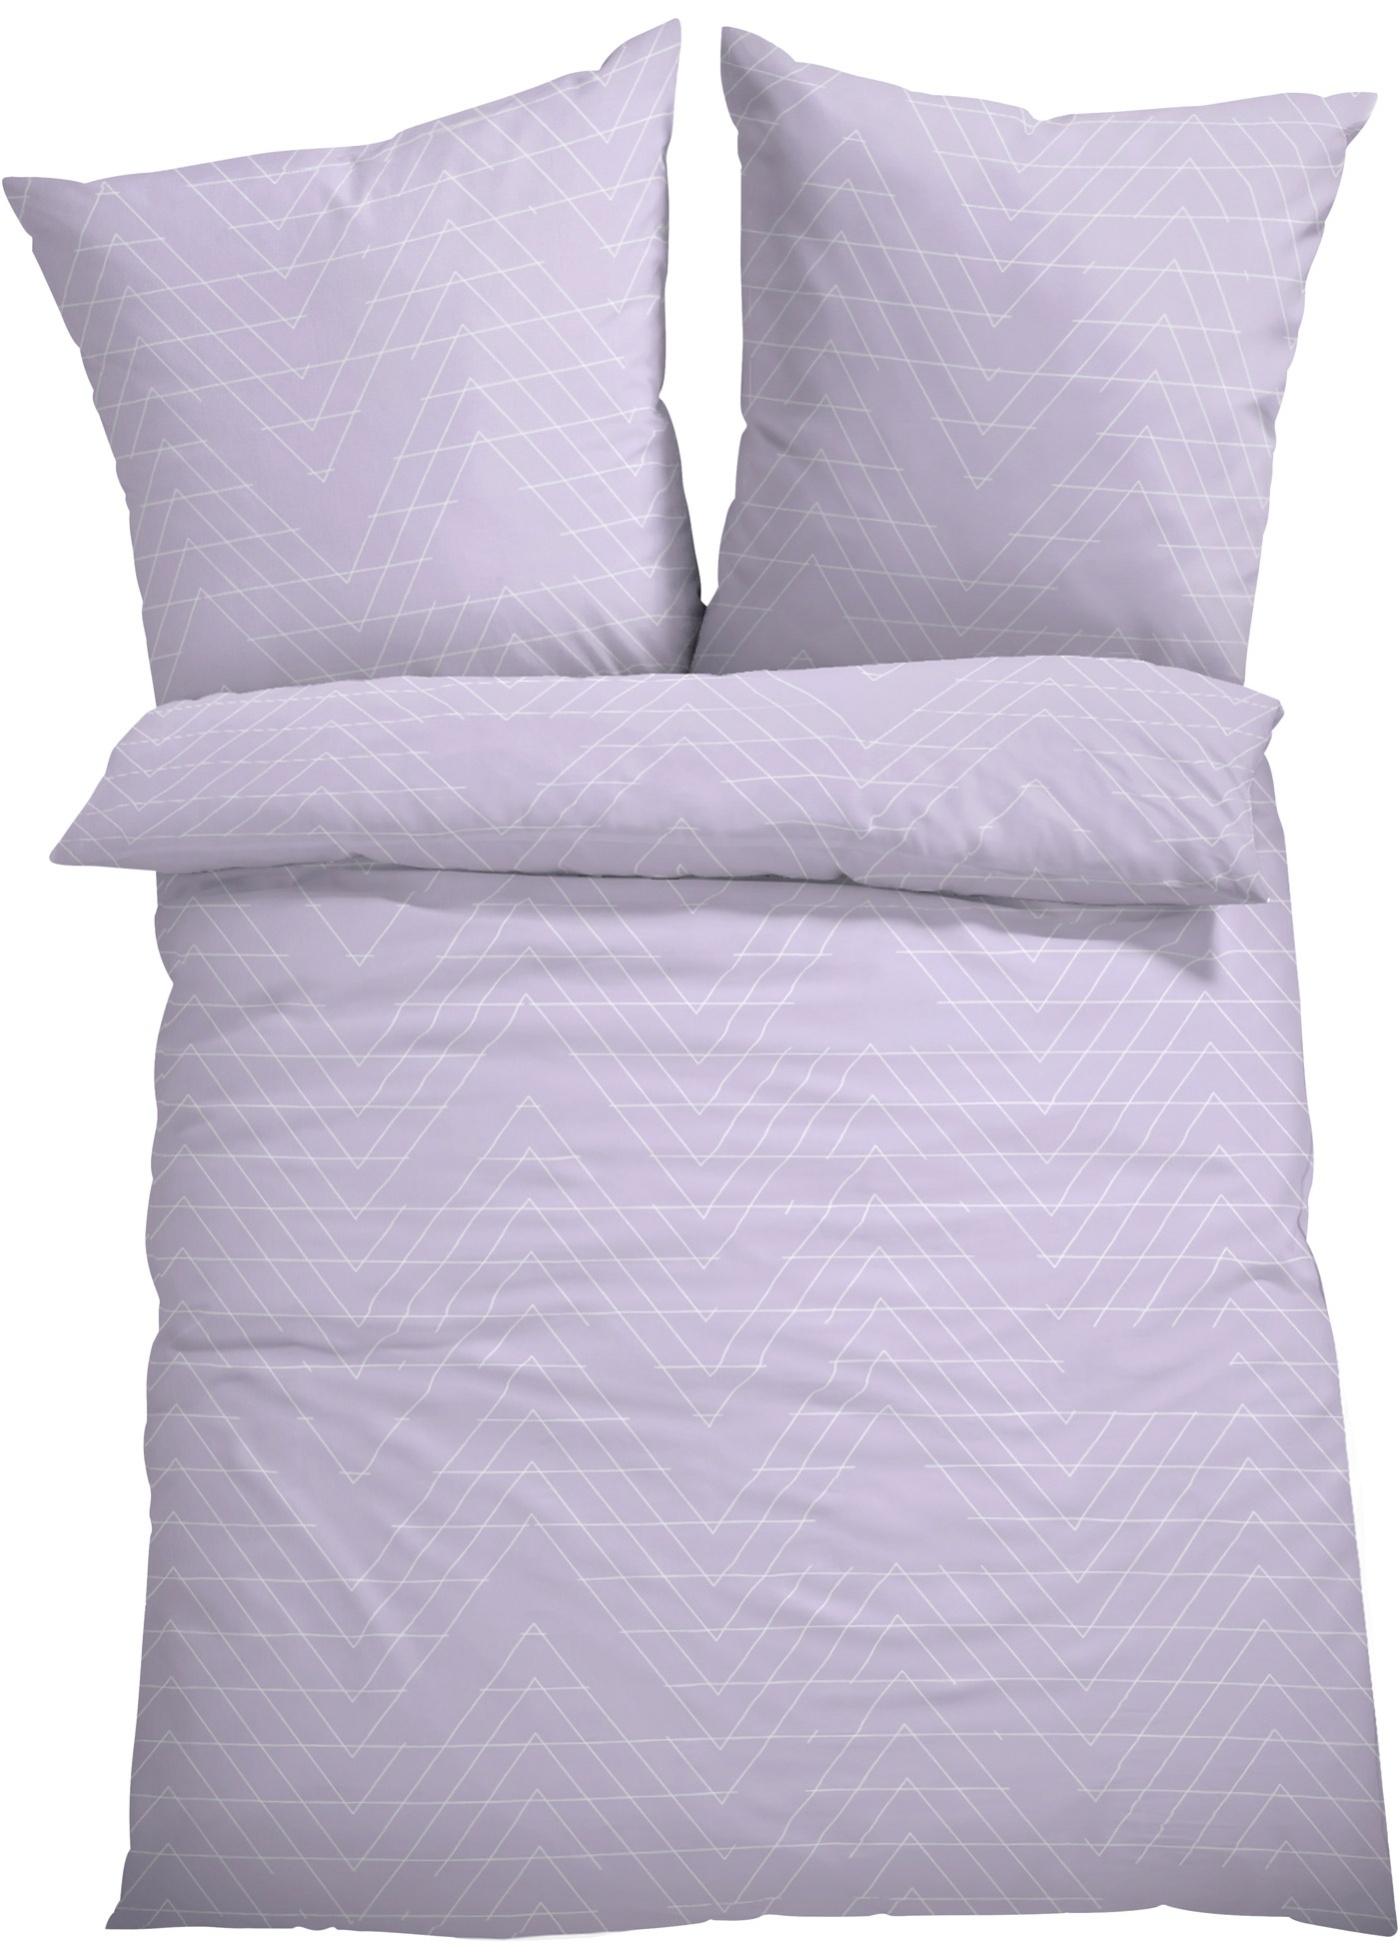 Linge de lit imprimé avec motifs zigzag.